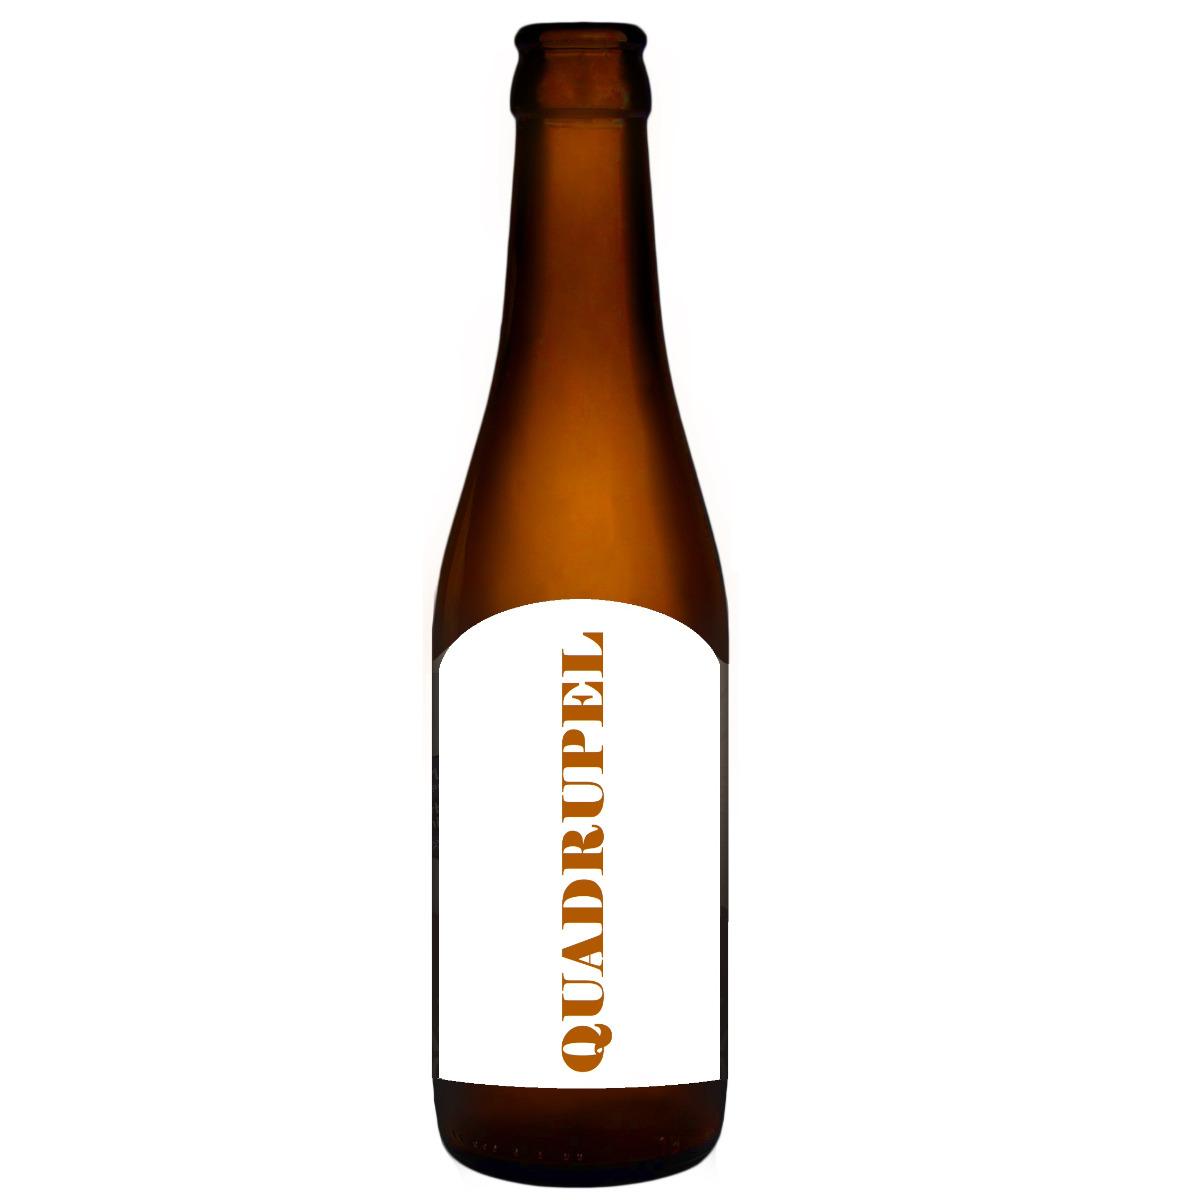 quadrupel bier